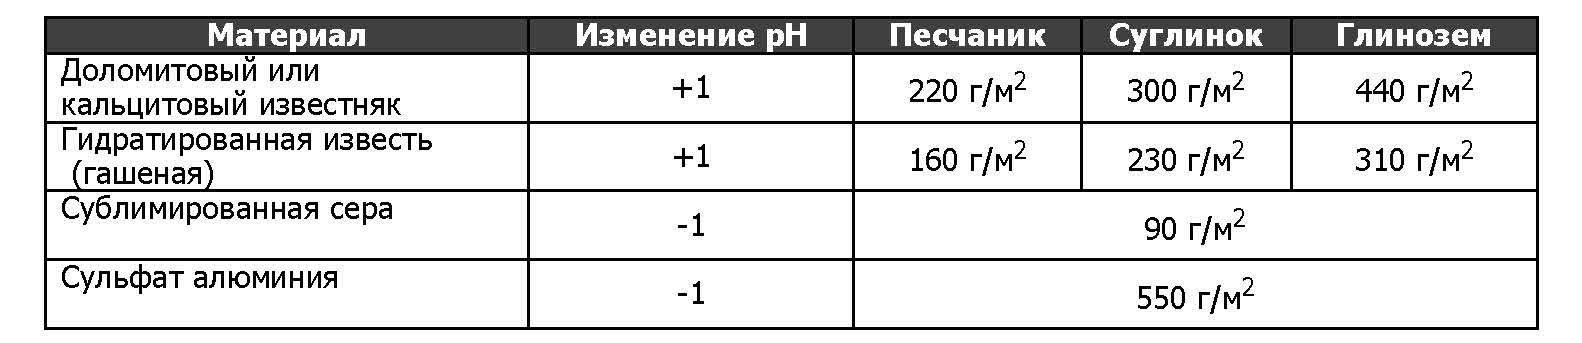 Таблица веществ для изменения кислотности почвы